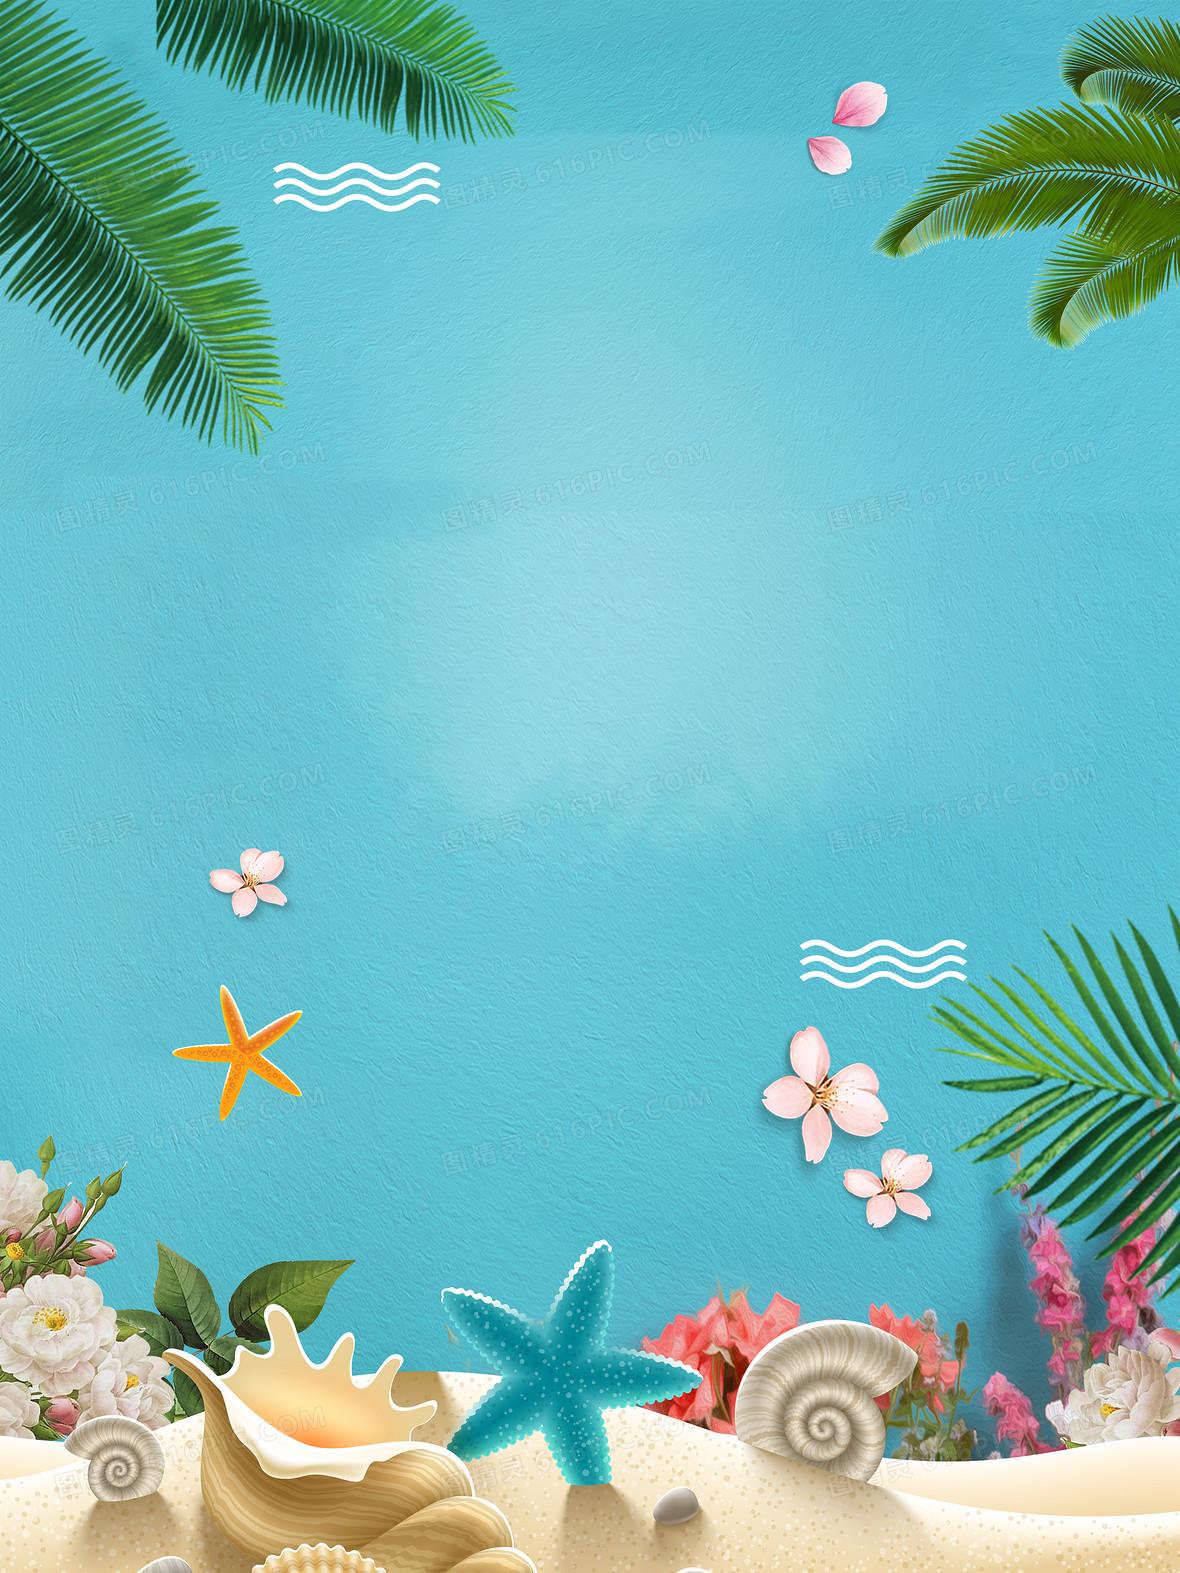 夏季新品上市宣传海报背景素材